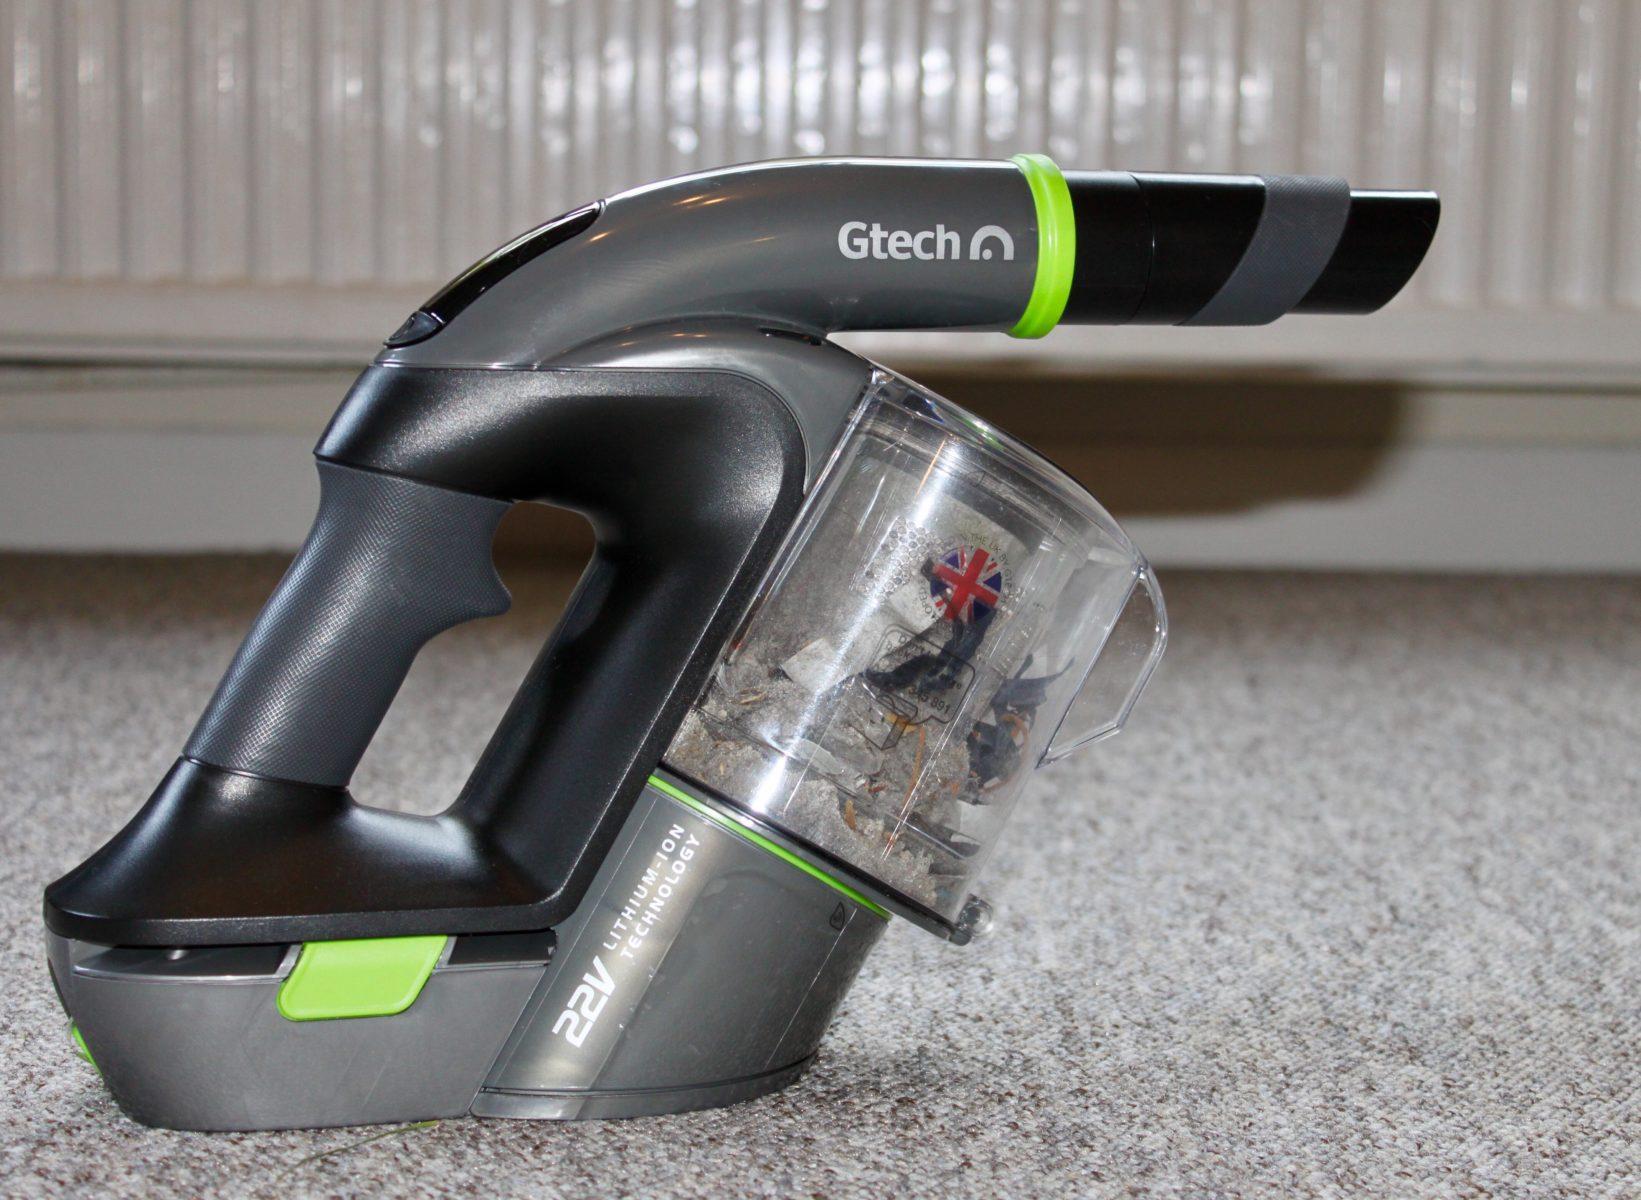 GTech Multi 2